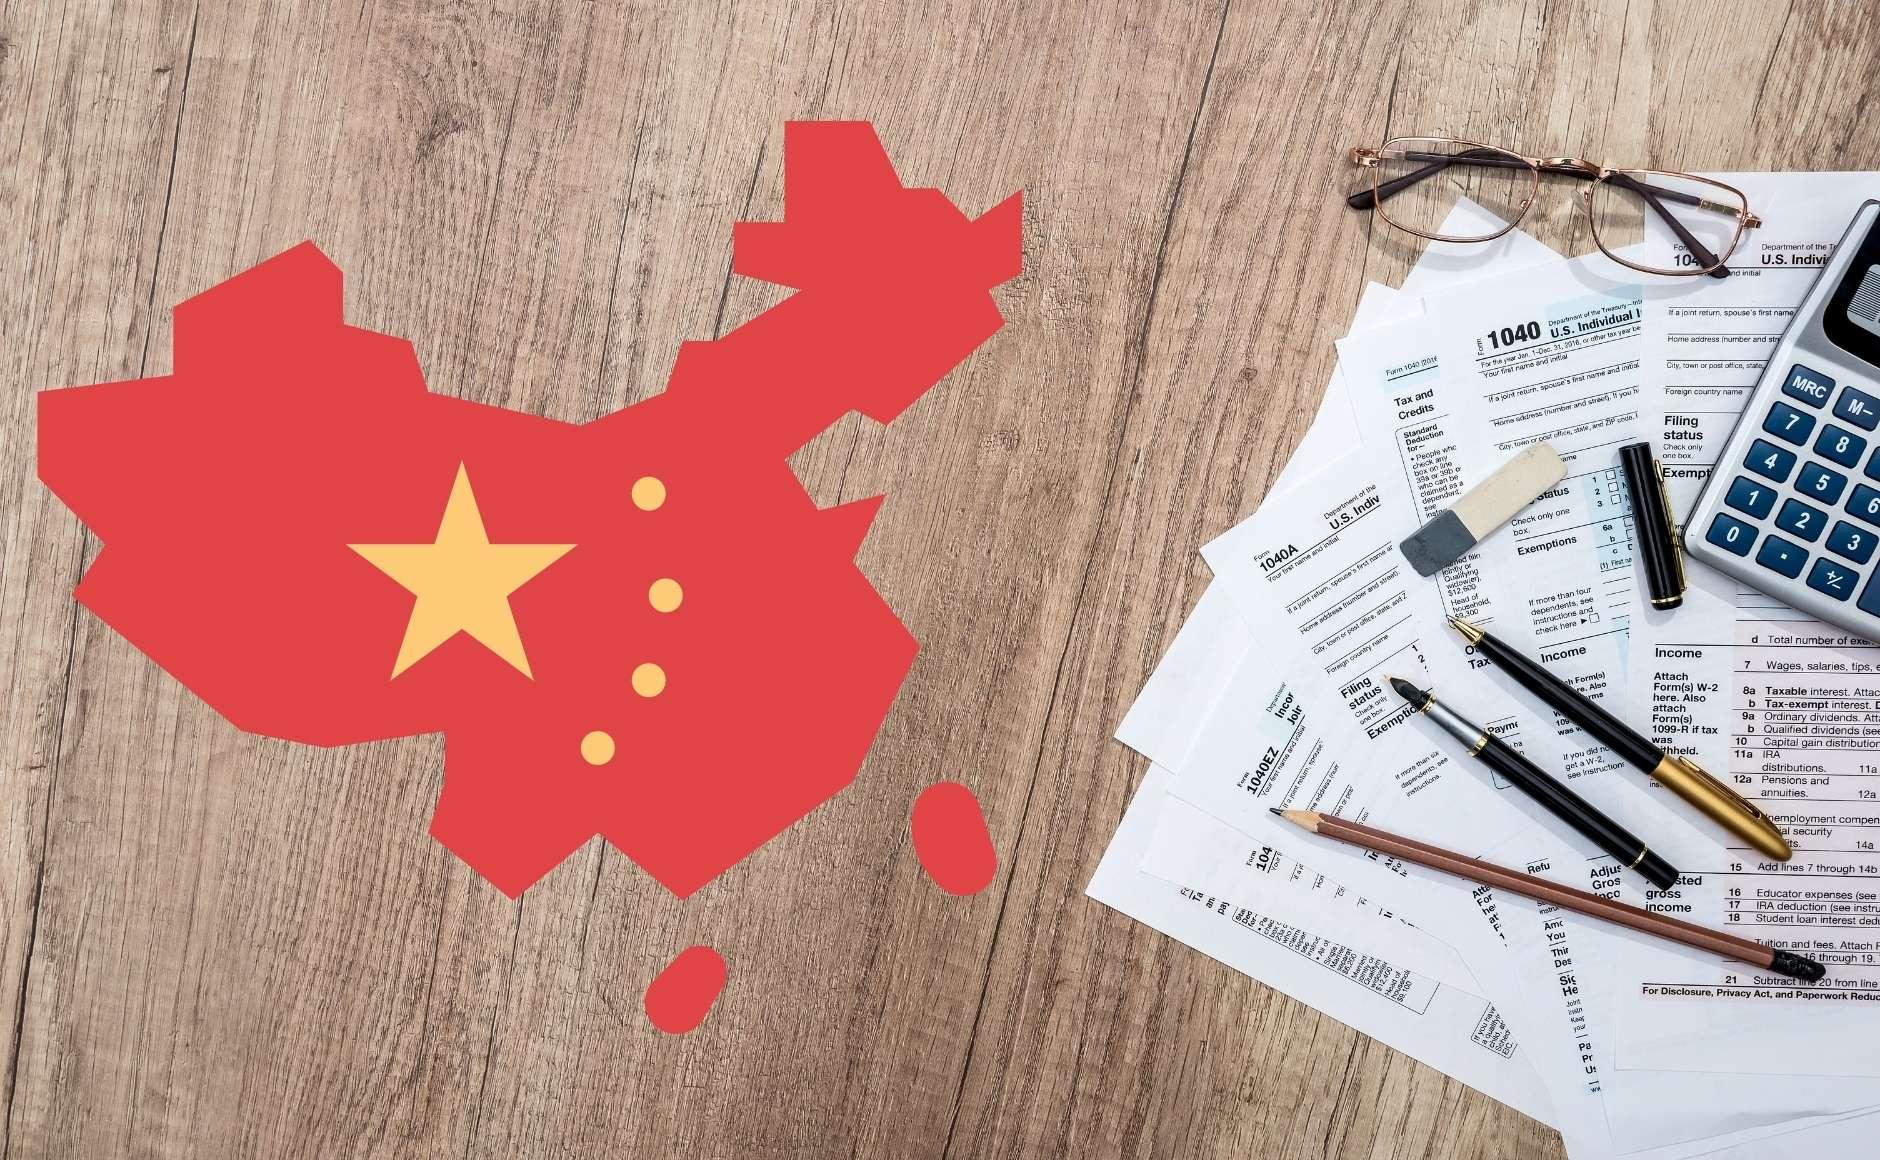 Налогообложение в Китае - картинка